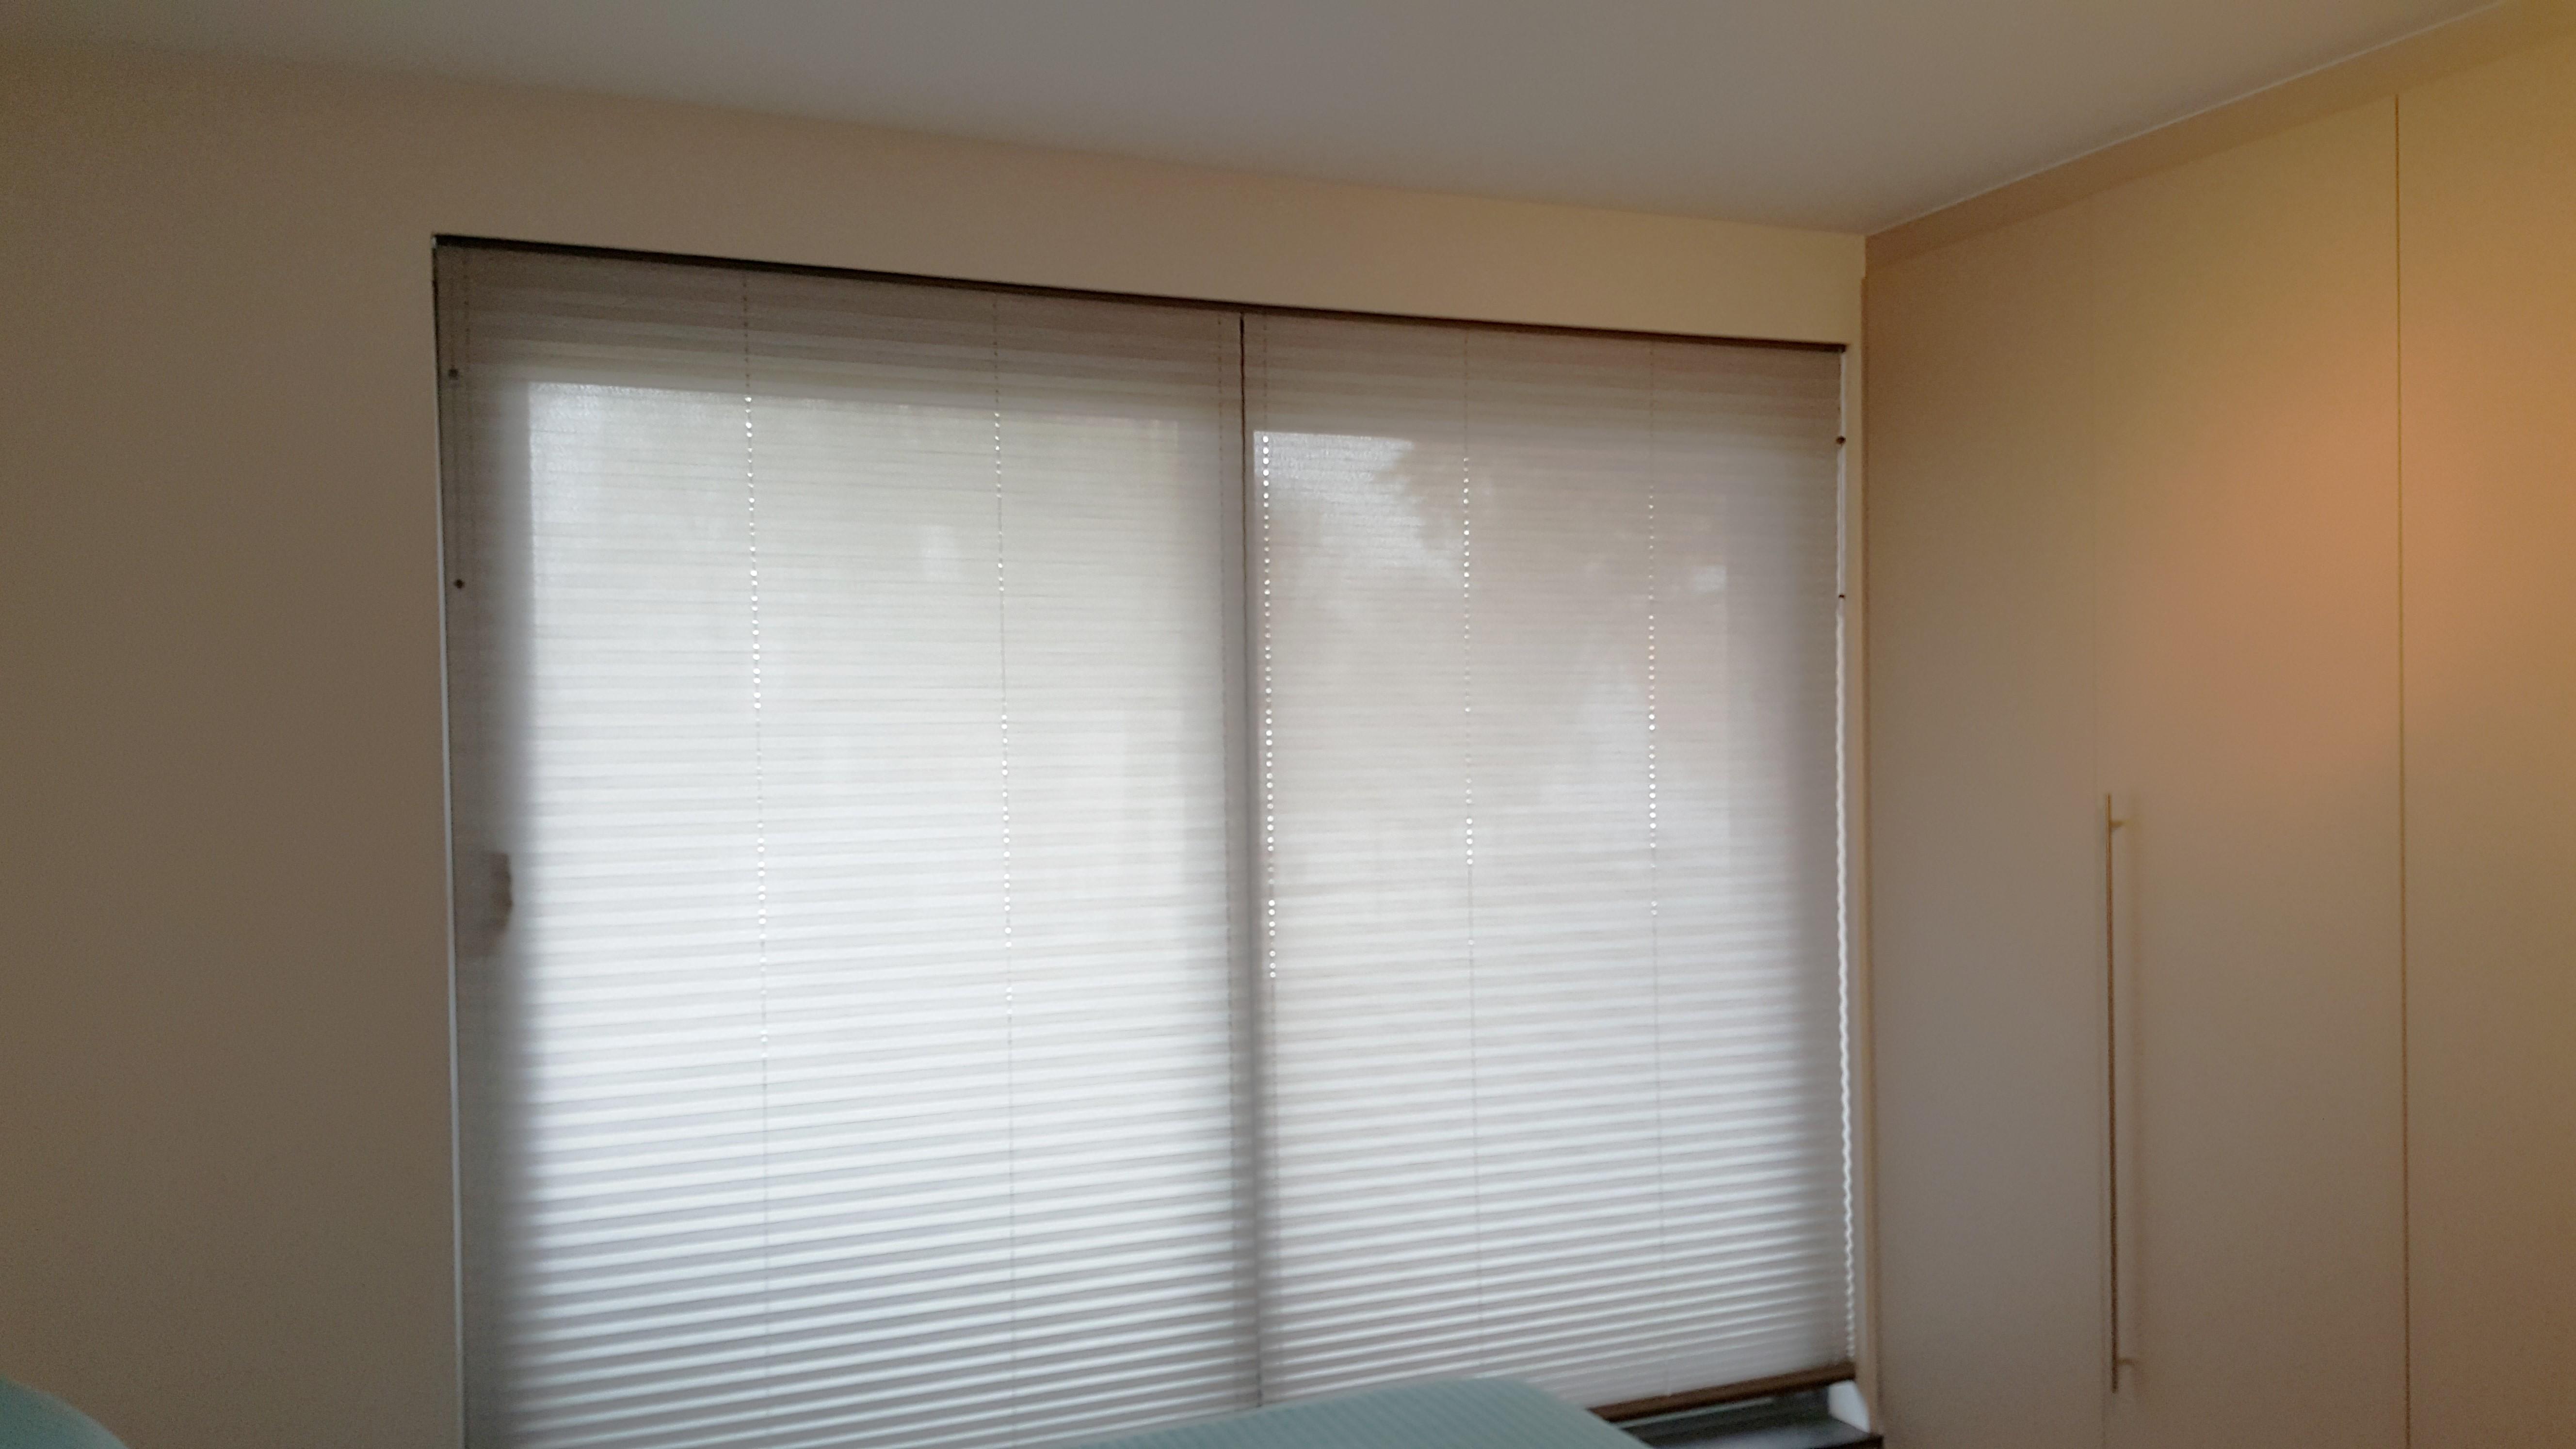 Keuken grijs turquoise - Deco romantische ouderlijke kamer ...